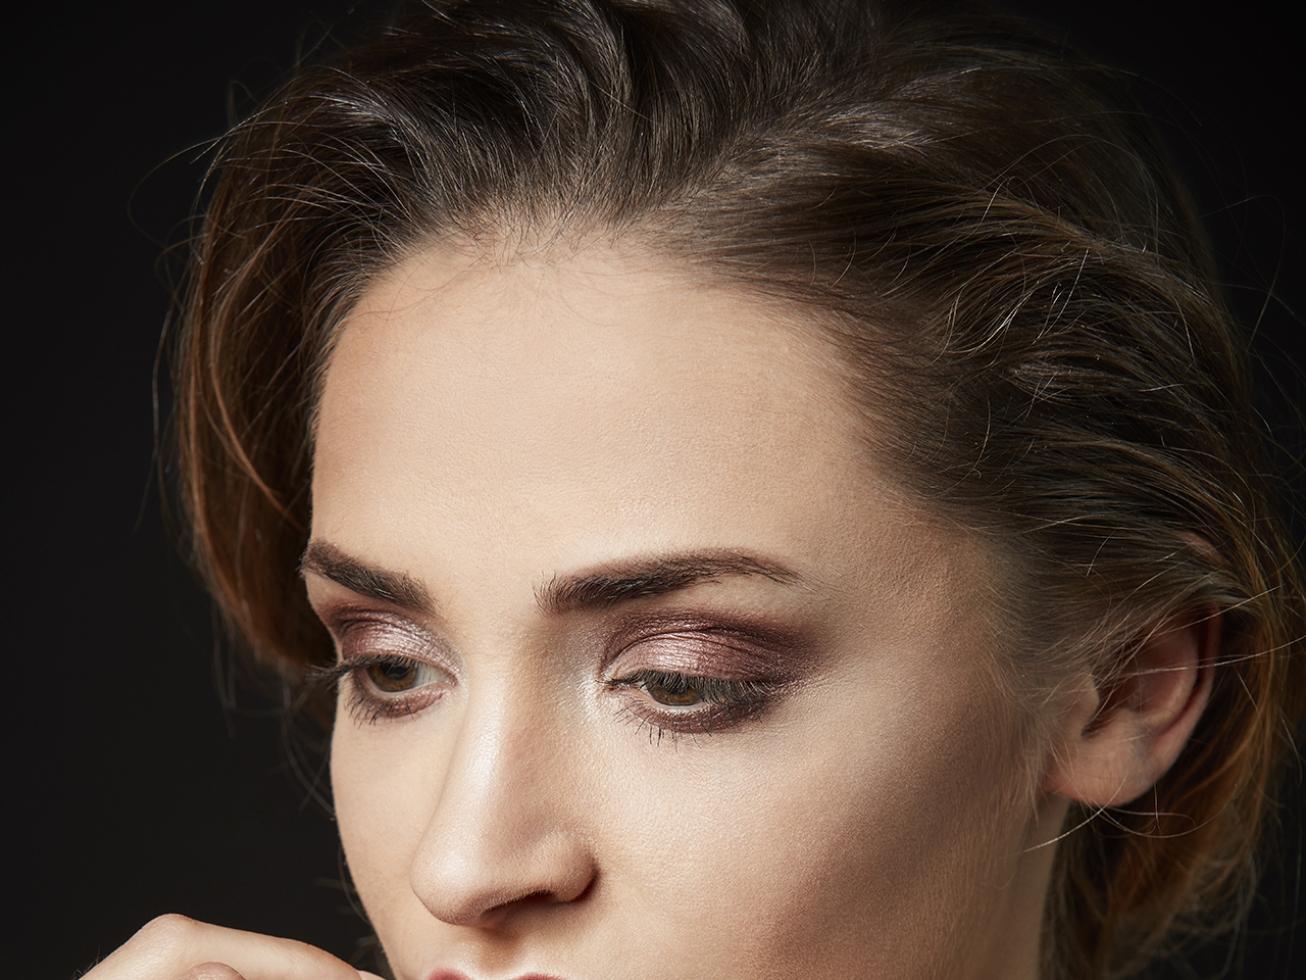 Vika Portrait